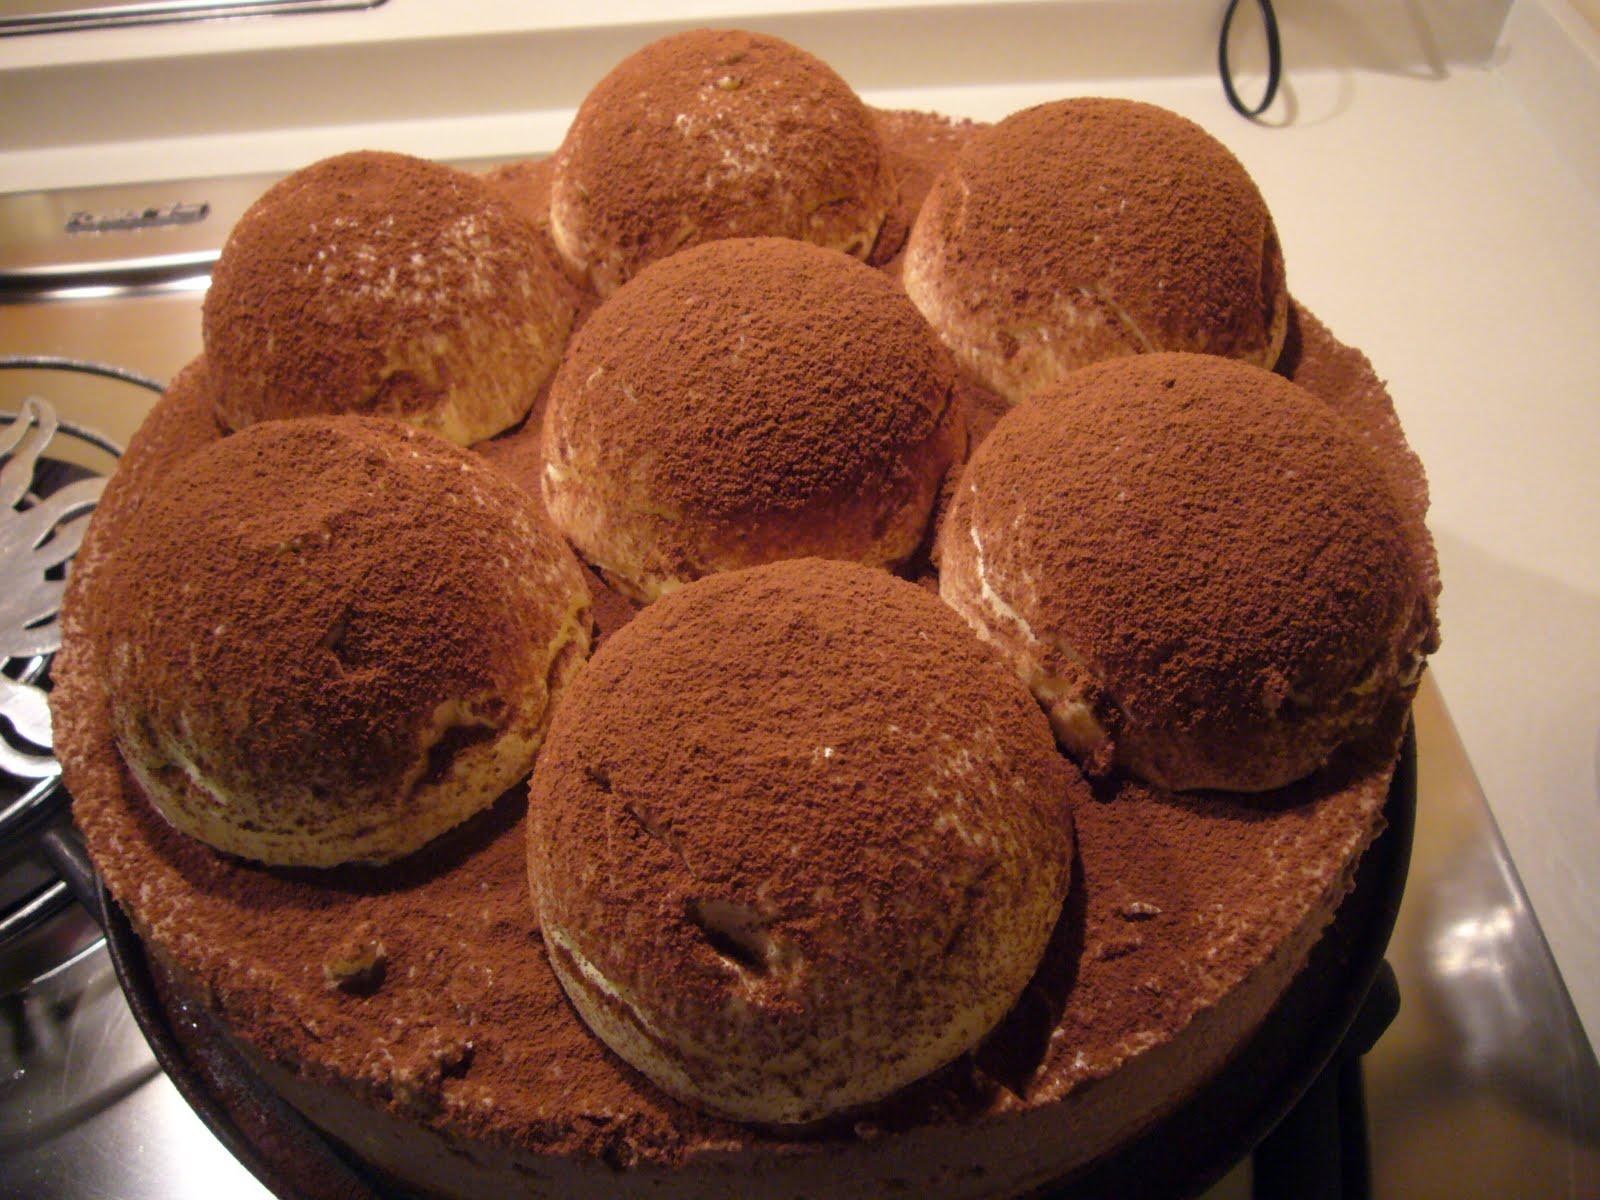 Torte Da Credenza Montersino : Torte da credenza patisserie dessert bread and chocolate